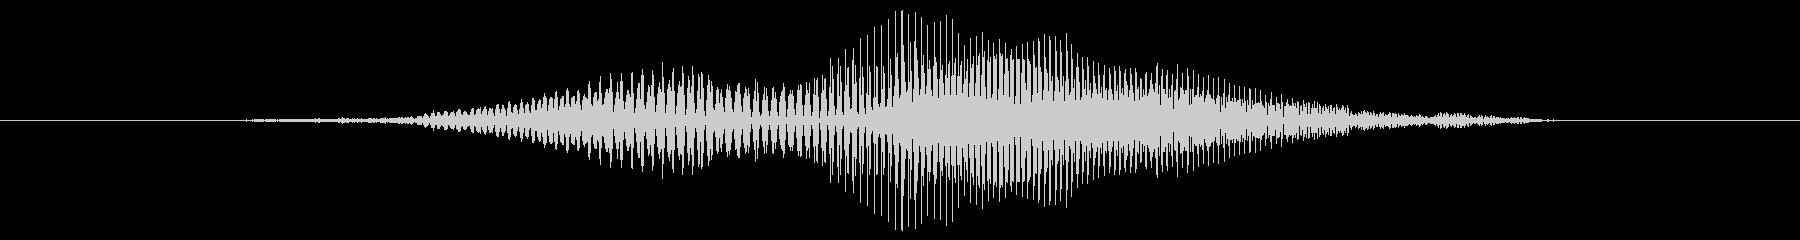 いぇい!【ロリキャラの褒めボイス】の未再生の波形